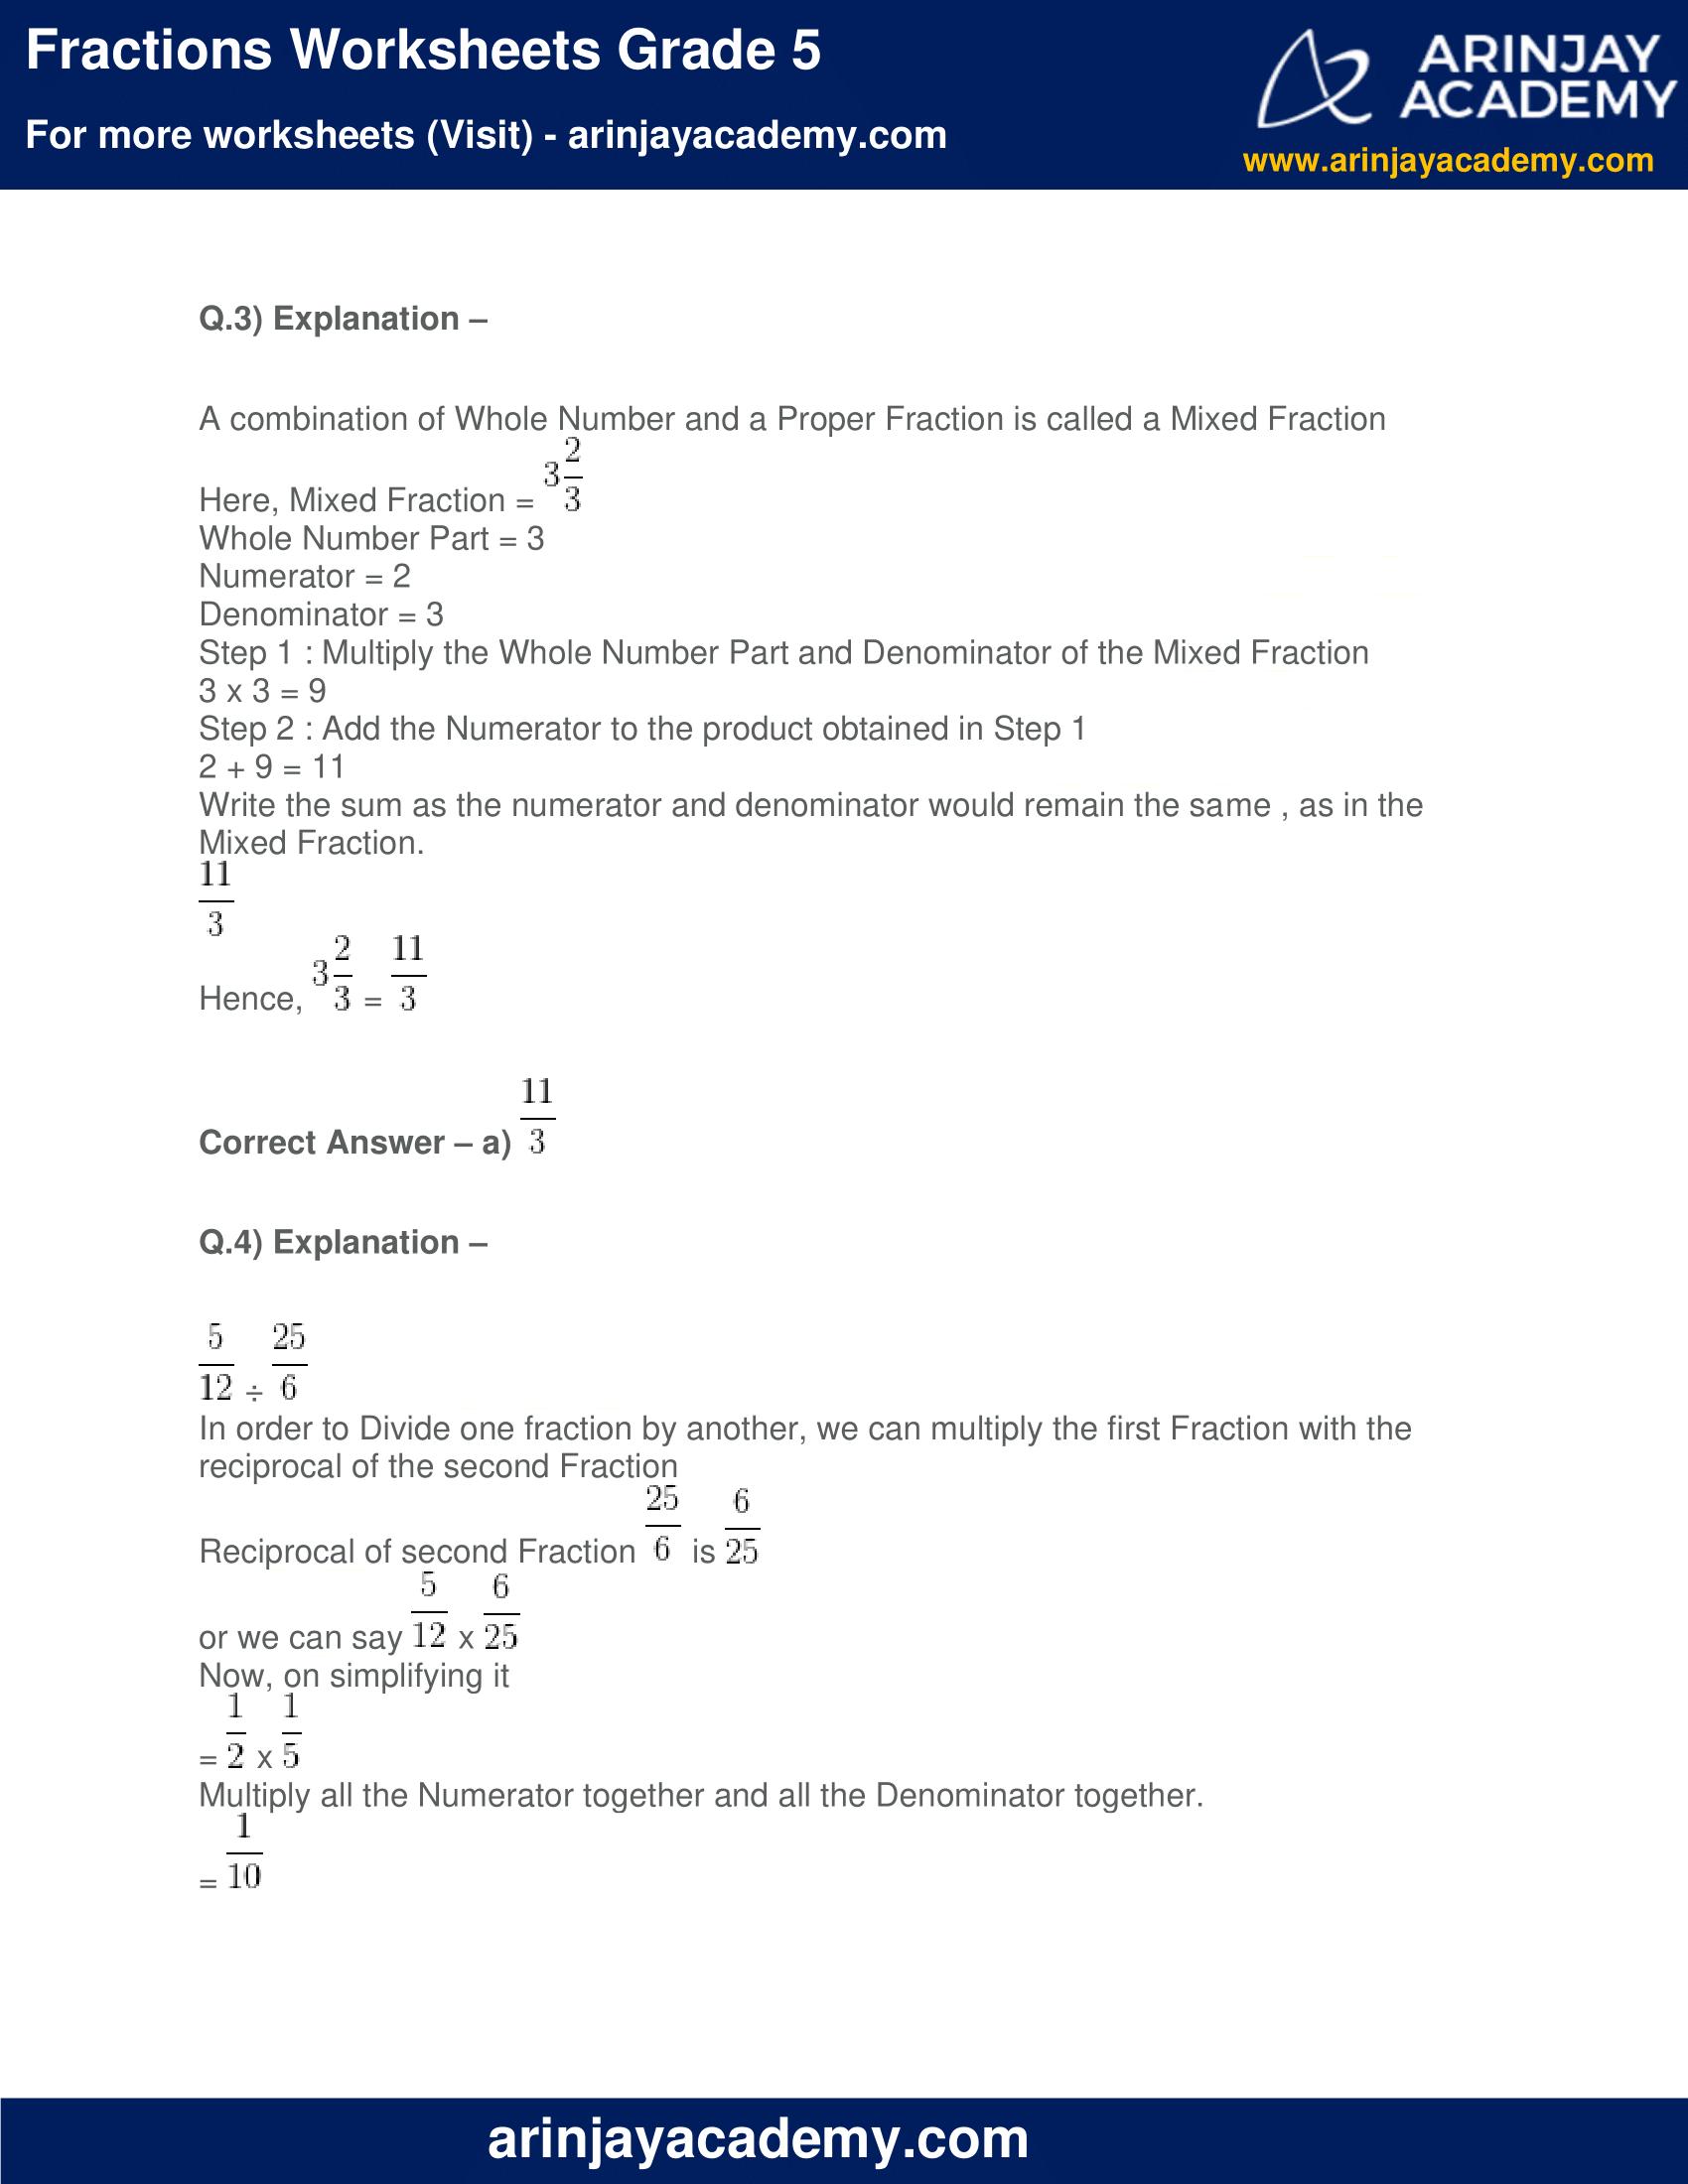 Fractions Worksheets Grade 5 image 5